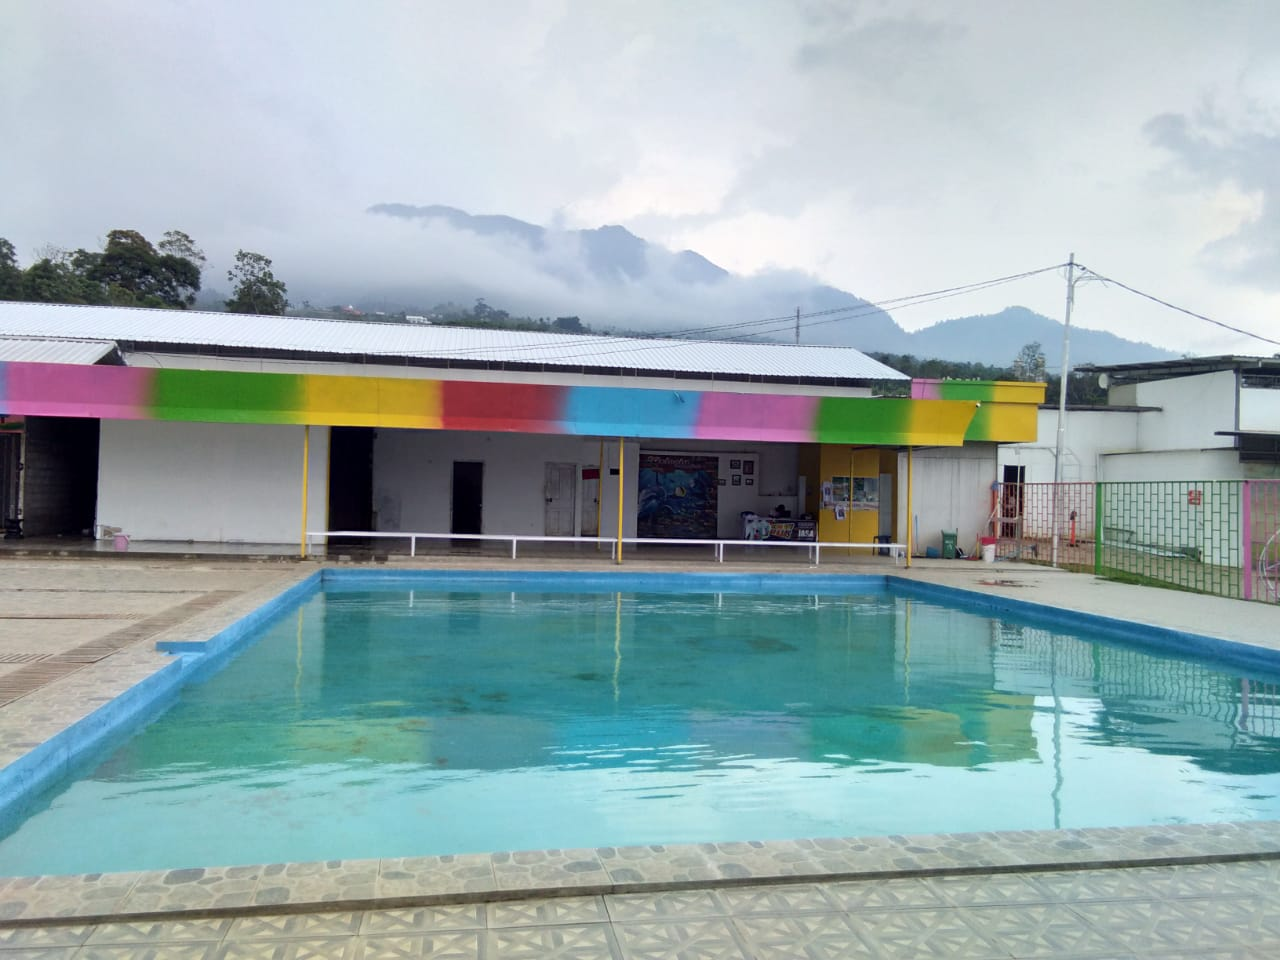 Wisata di Bandungan, Celosia Happy and Fun